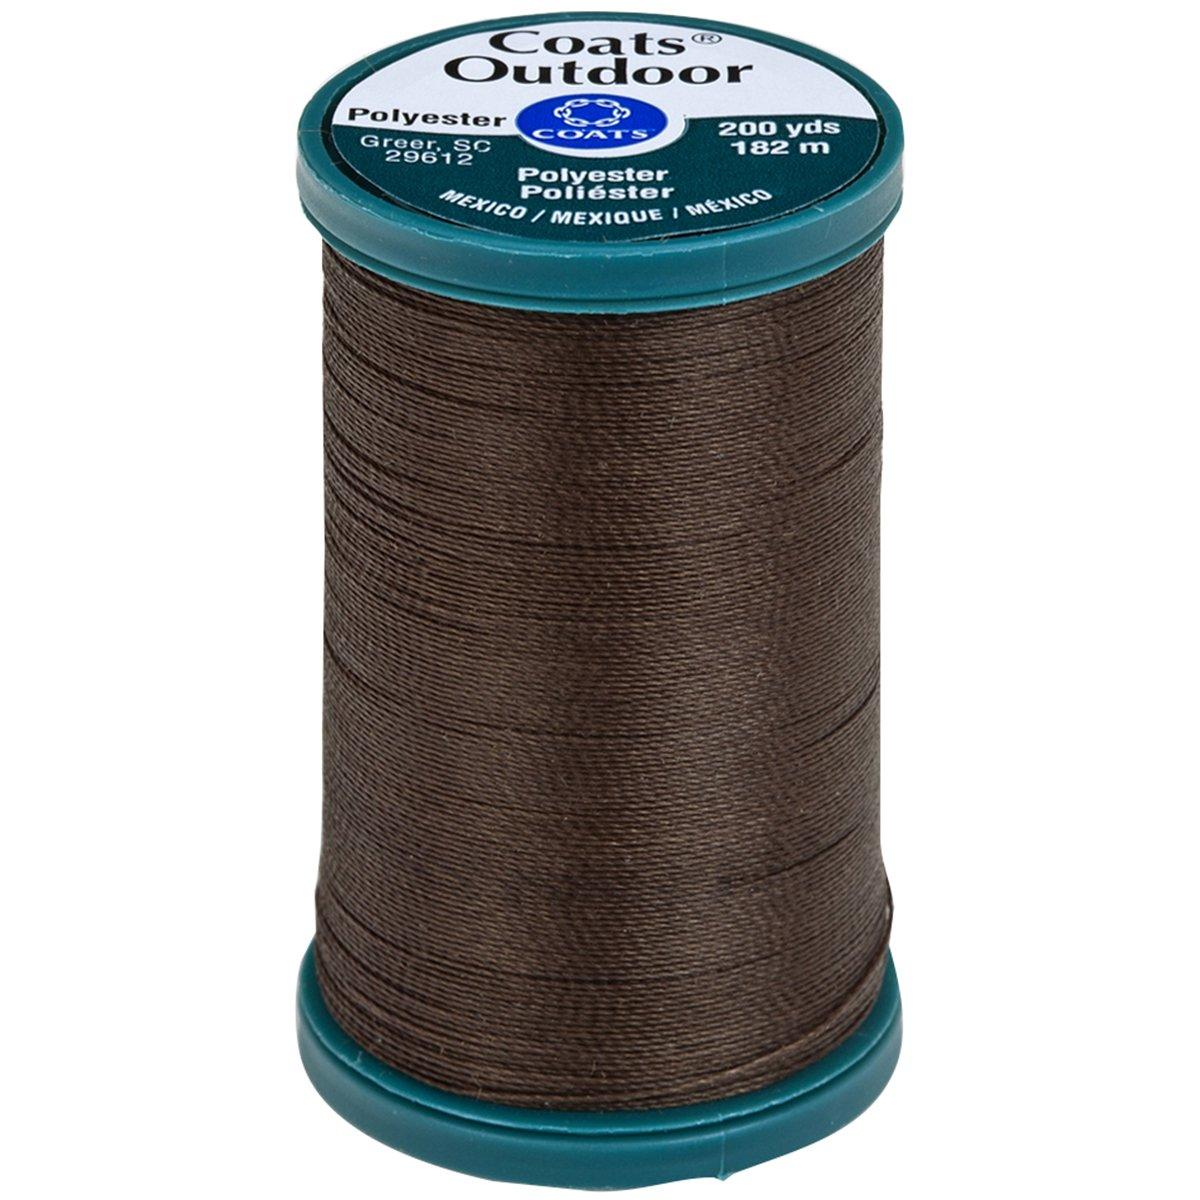 Coats Thread & Zippers Coats Outdoor Living Thread, 200-Yard, Dark Brown S971-8890